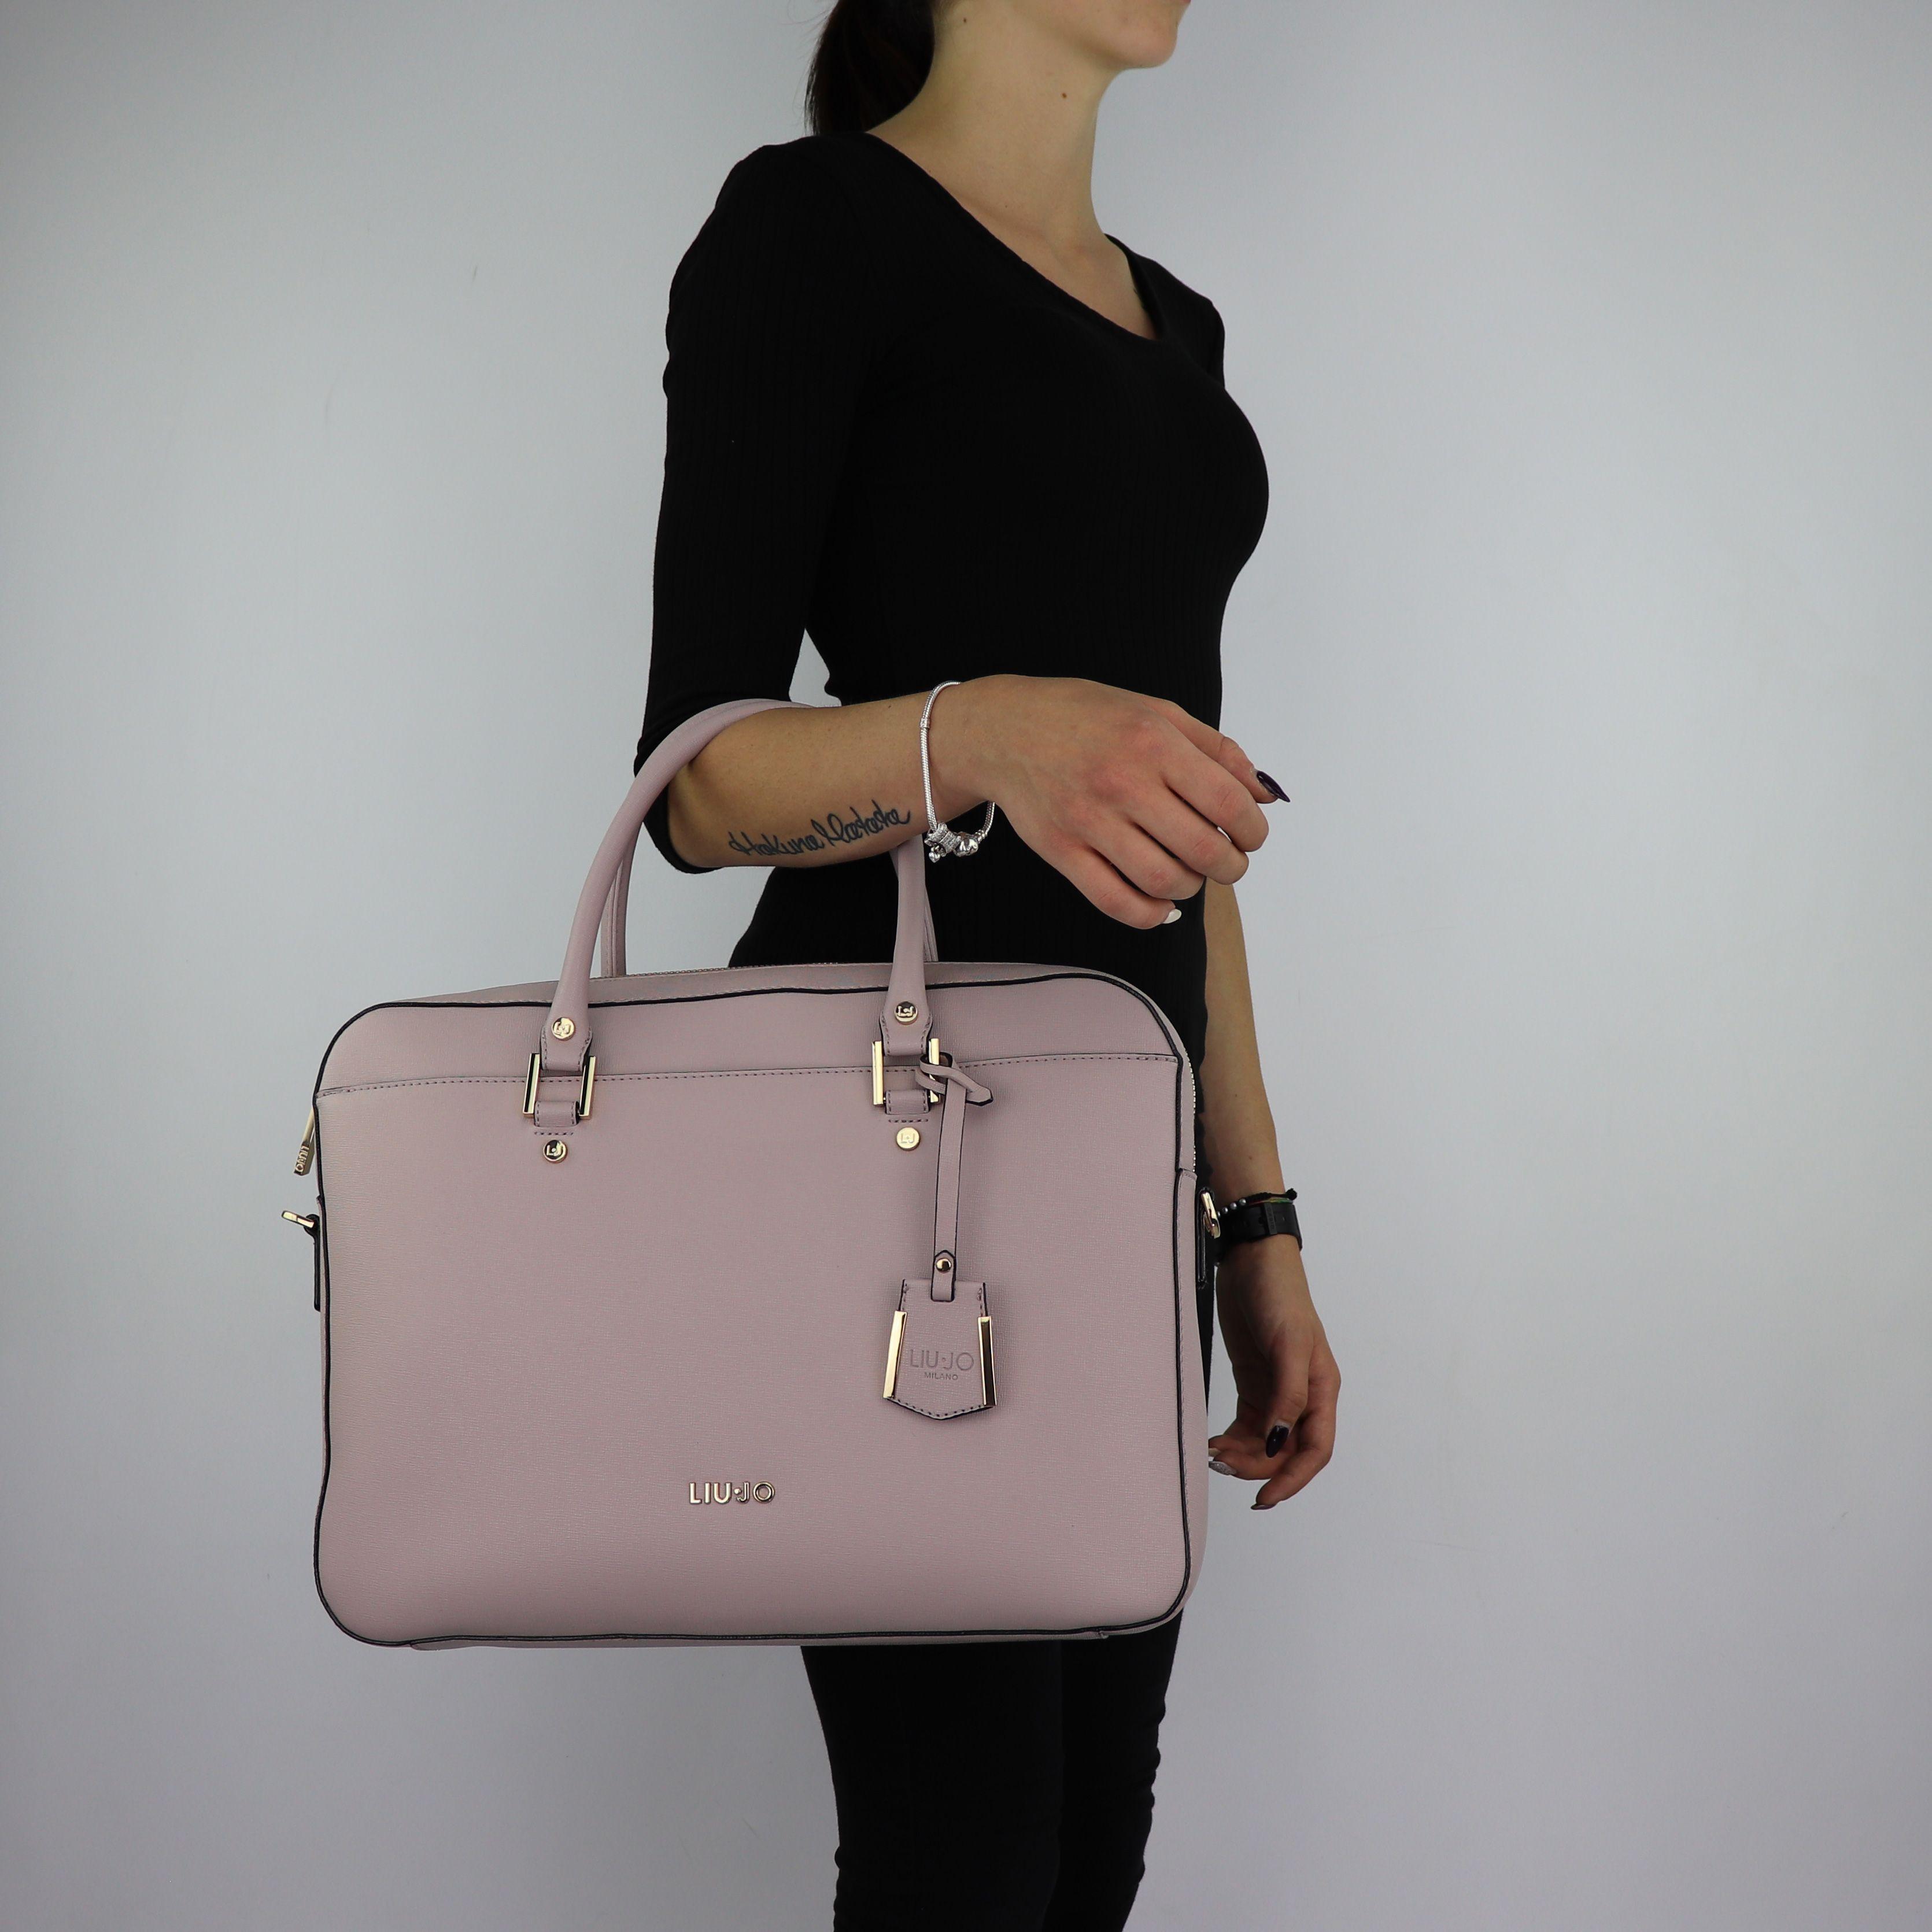 ... Borsa cartella Liu Jo Briefcase isola rosa cipria taglia L A68008 E0087  ... 37a85e1b825